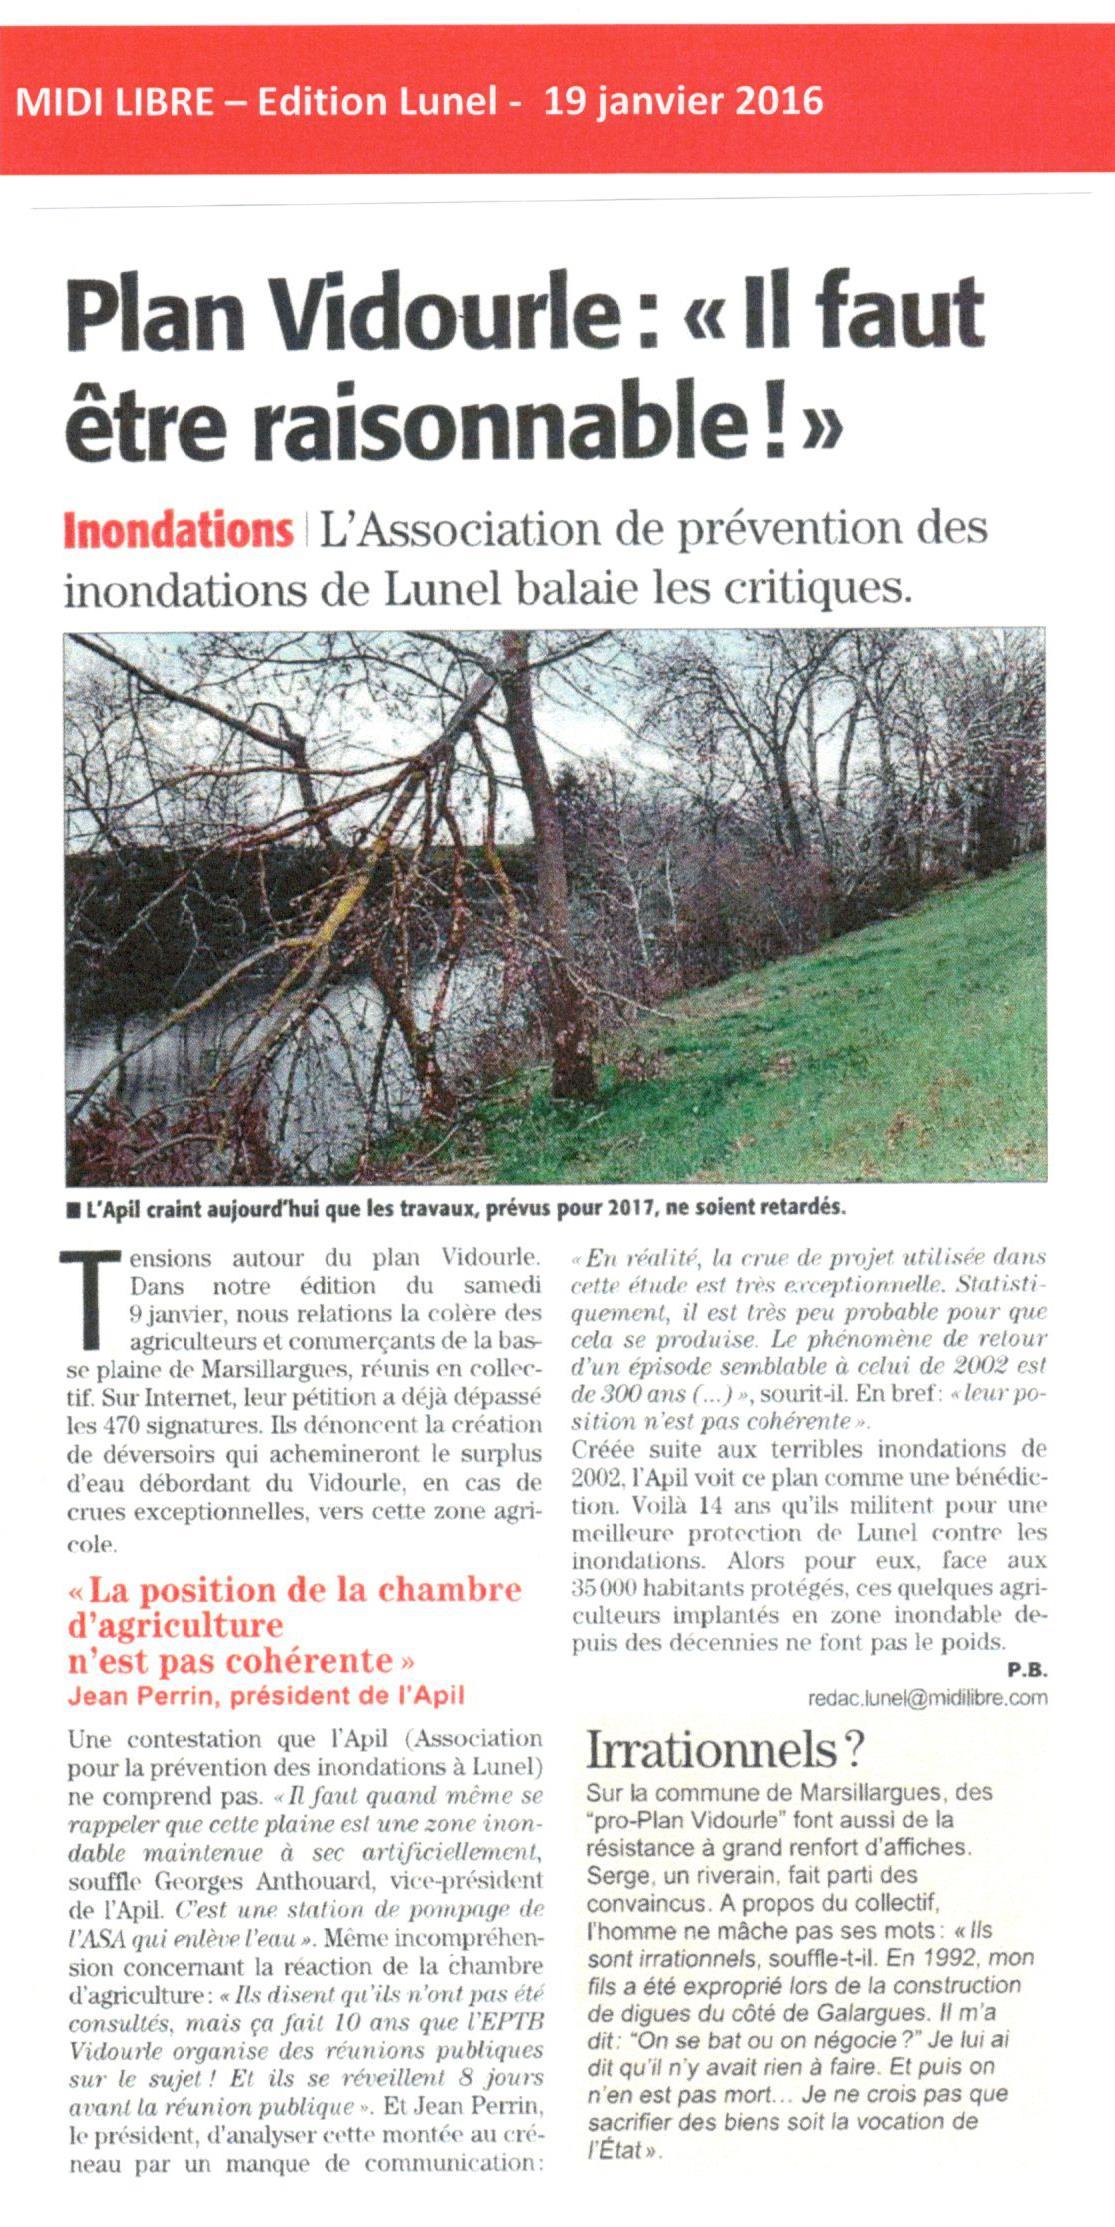 L'Association de Prévention des Inondations de Lunel balaie les critiques